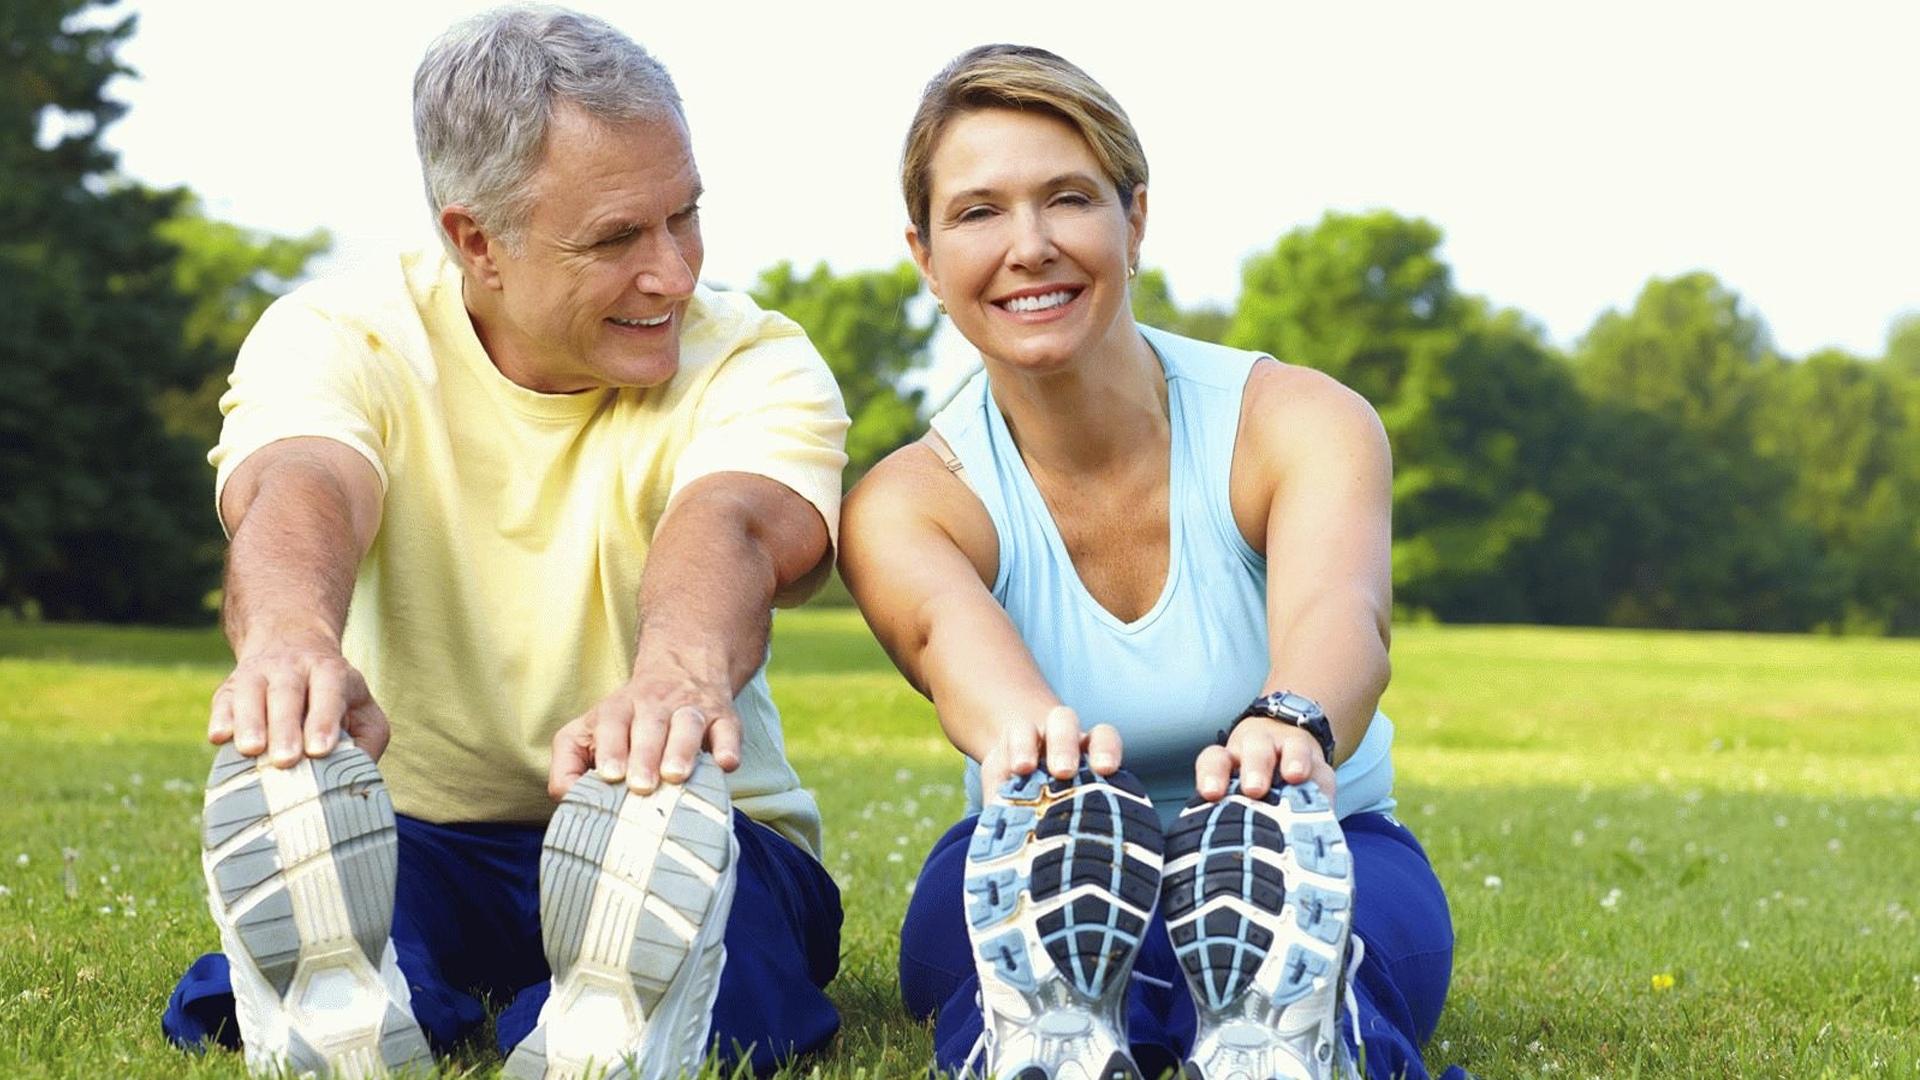 Физическая активность - это важно